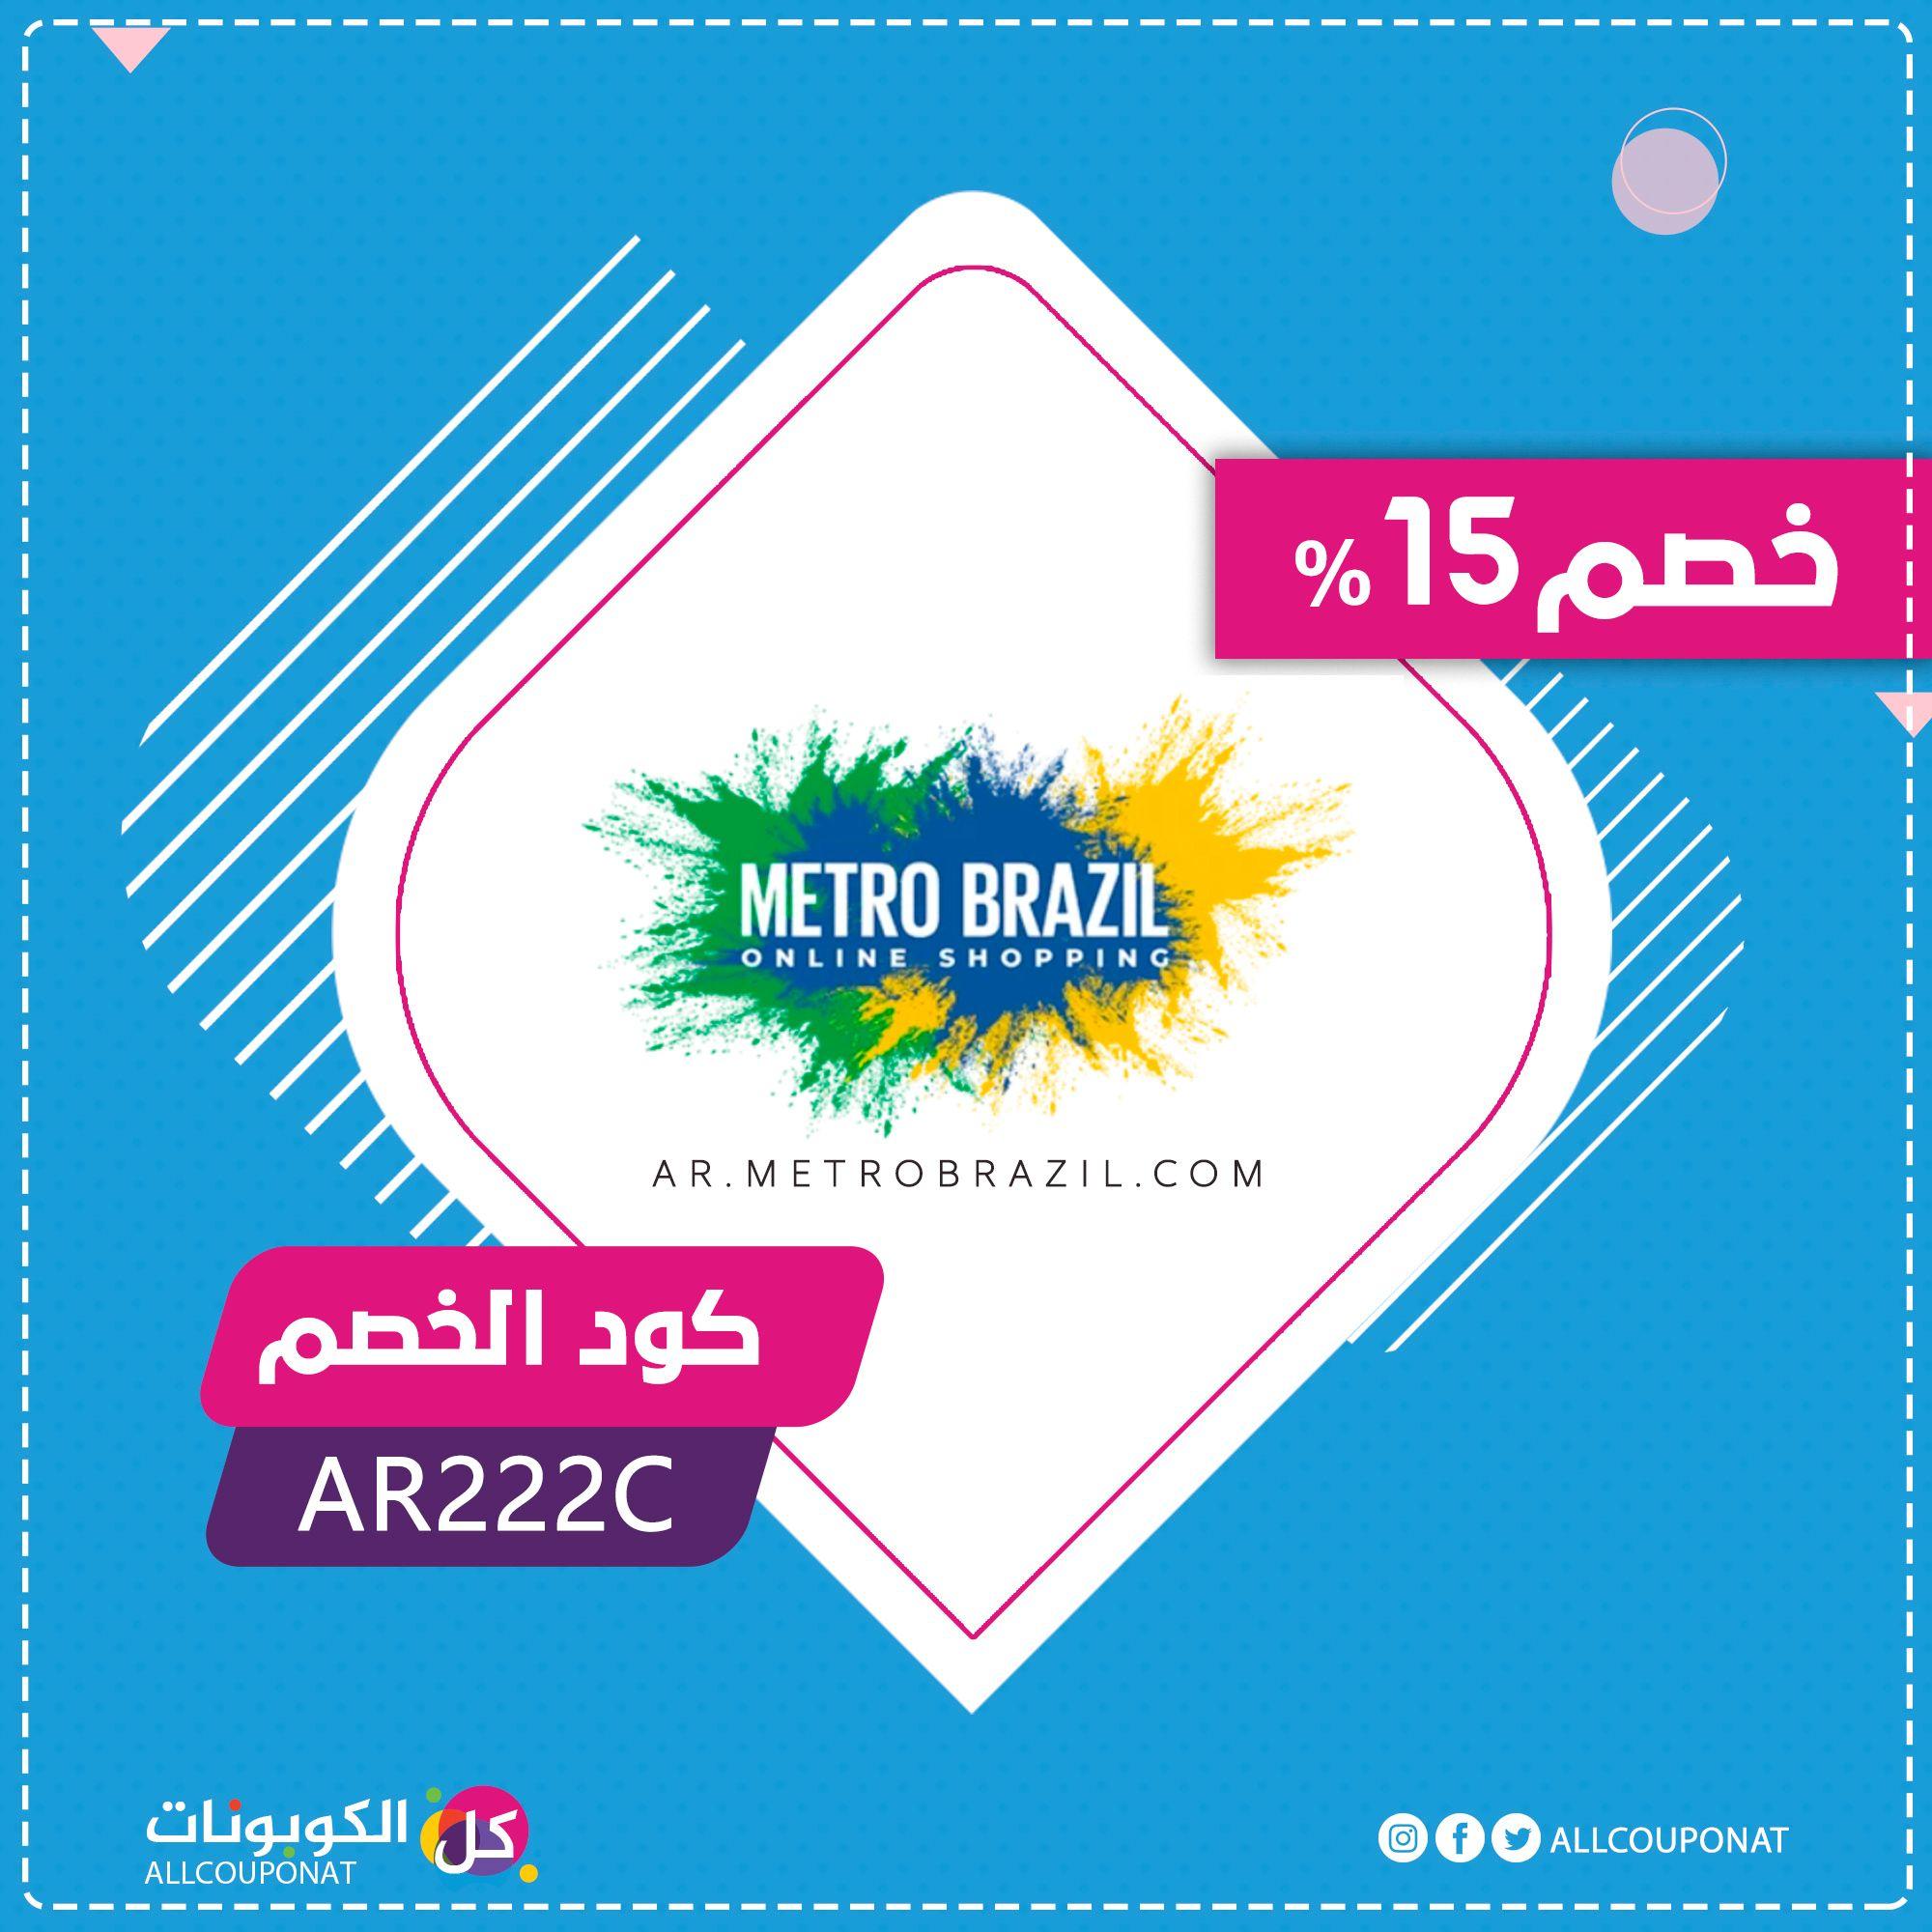 يقدم لكم فريق كل الكوبونات عرض خصم 15 على كافة منتجات متجر مترو برازيل Brazil Online Movie Posters